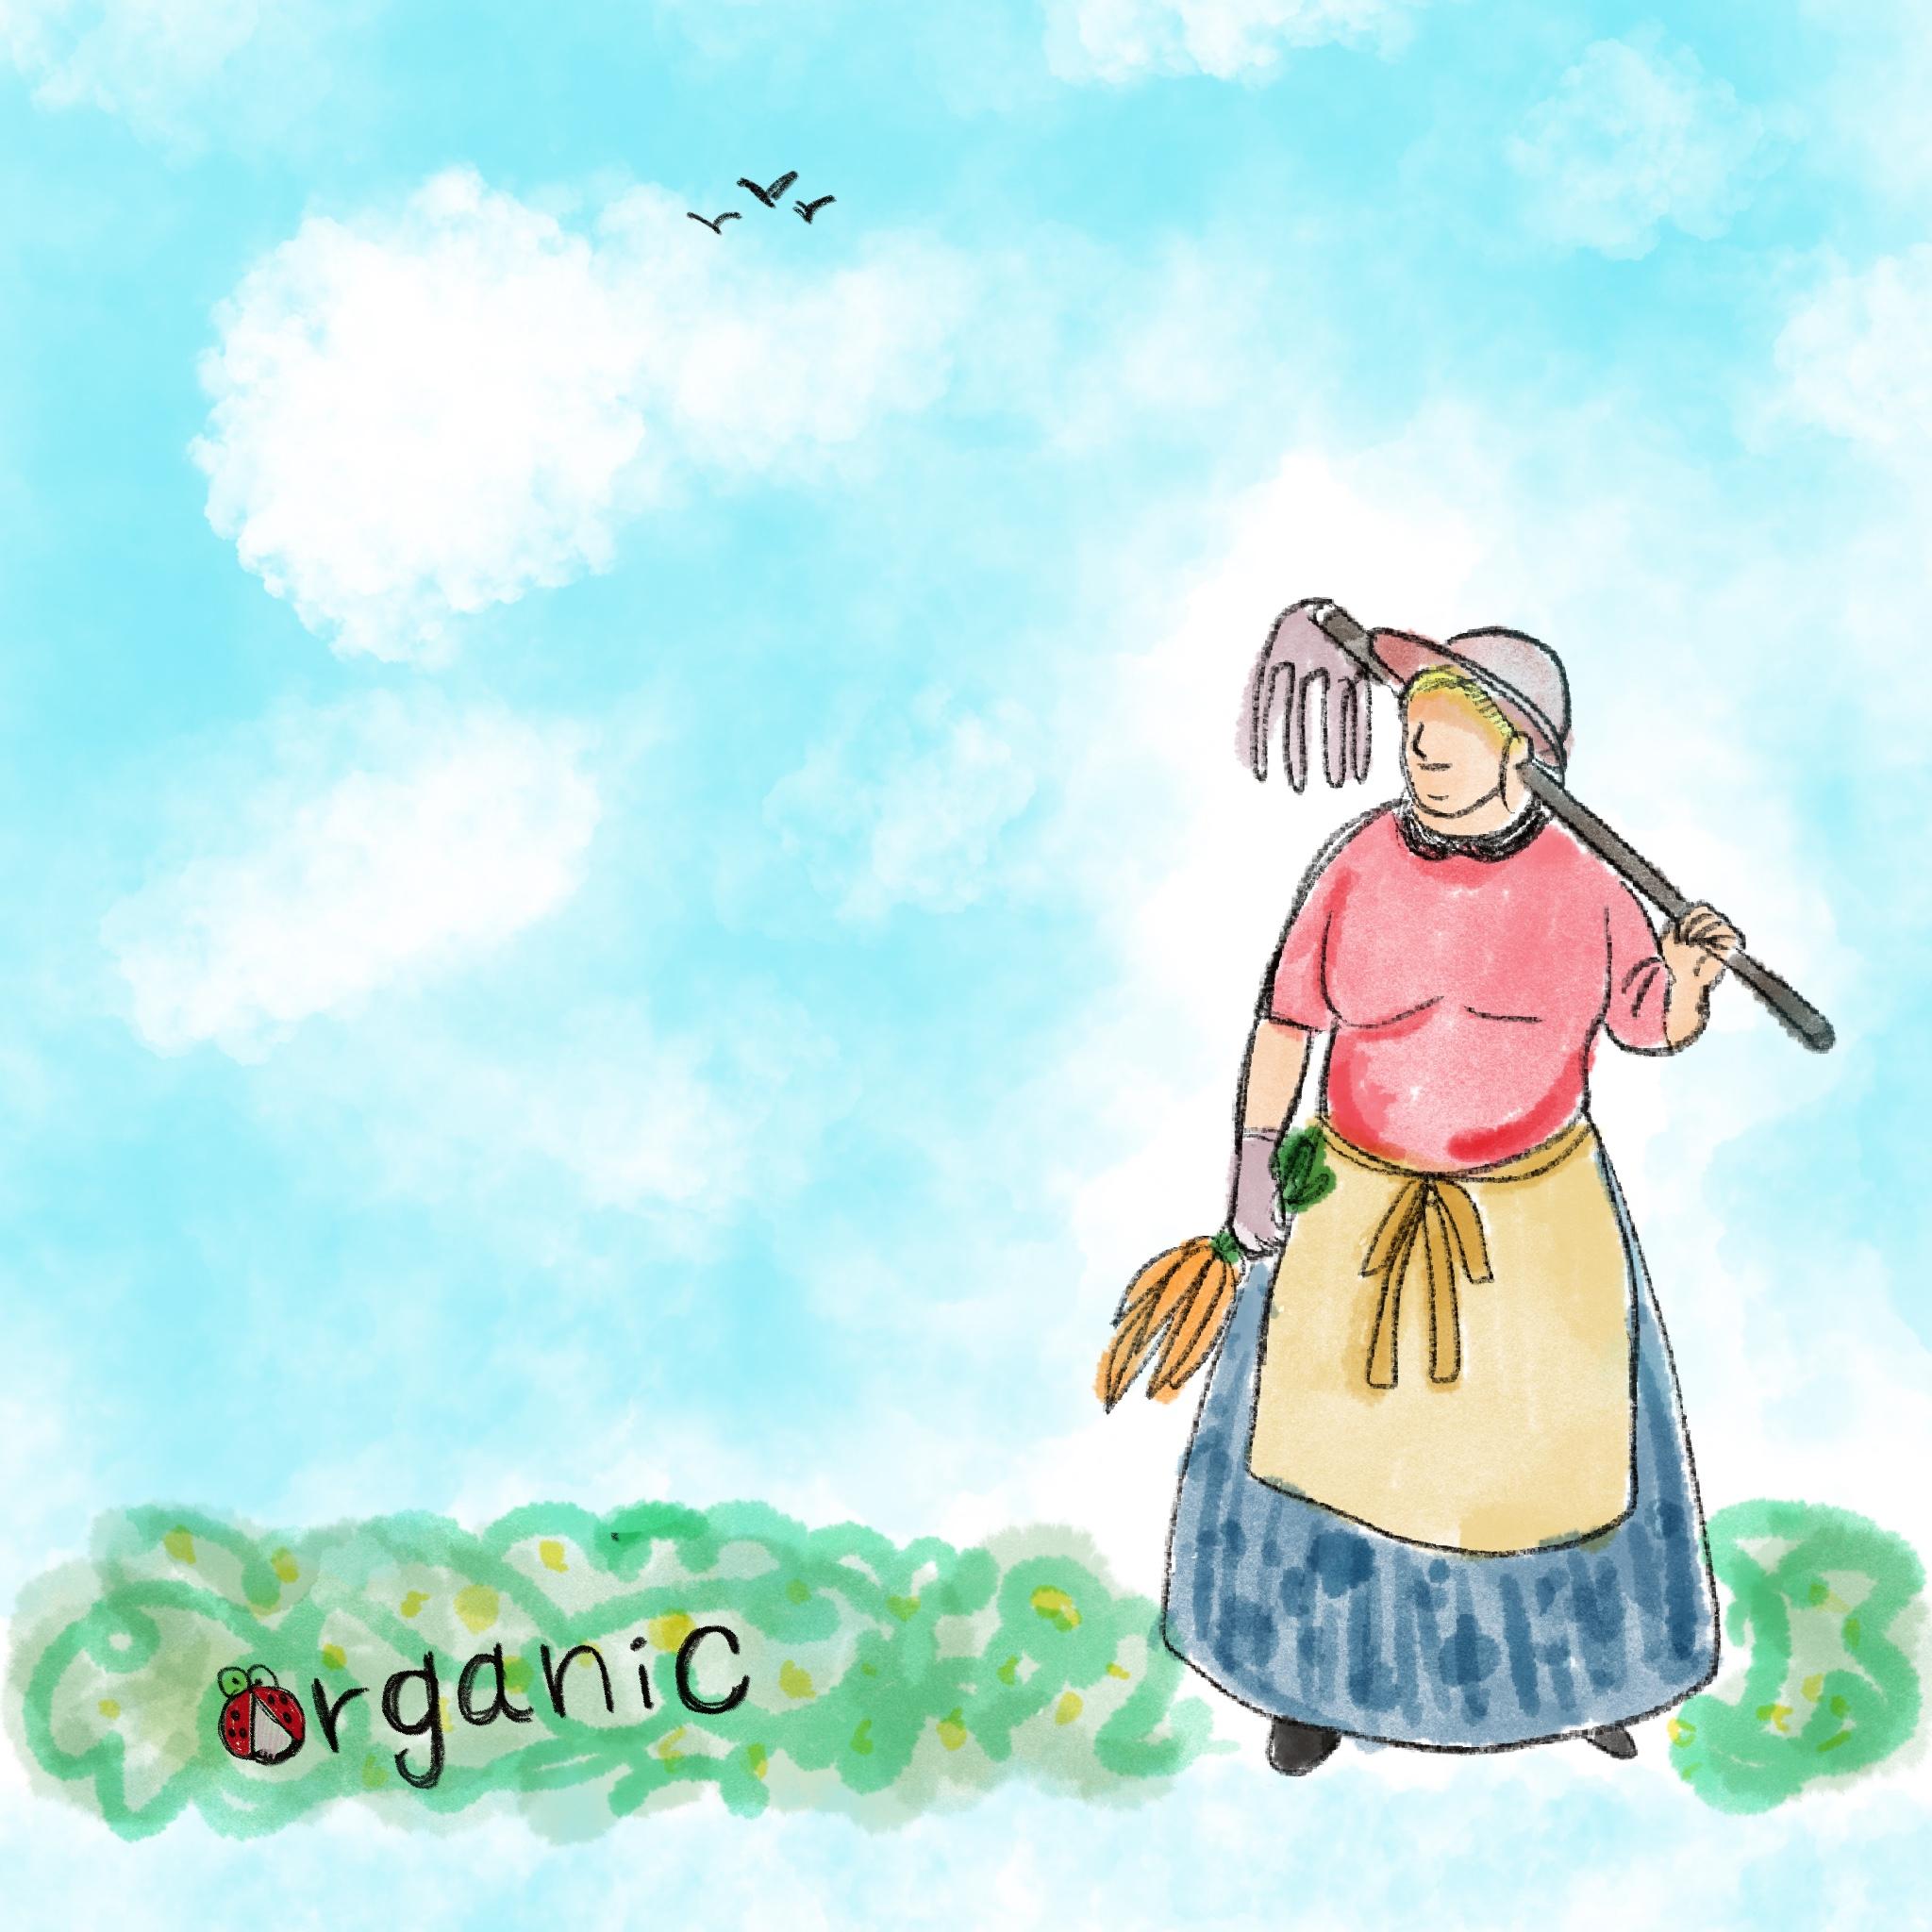 オーガニック(organic)